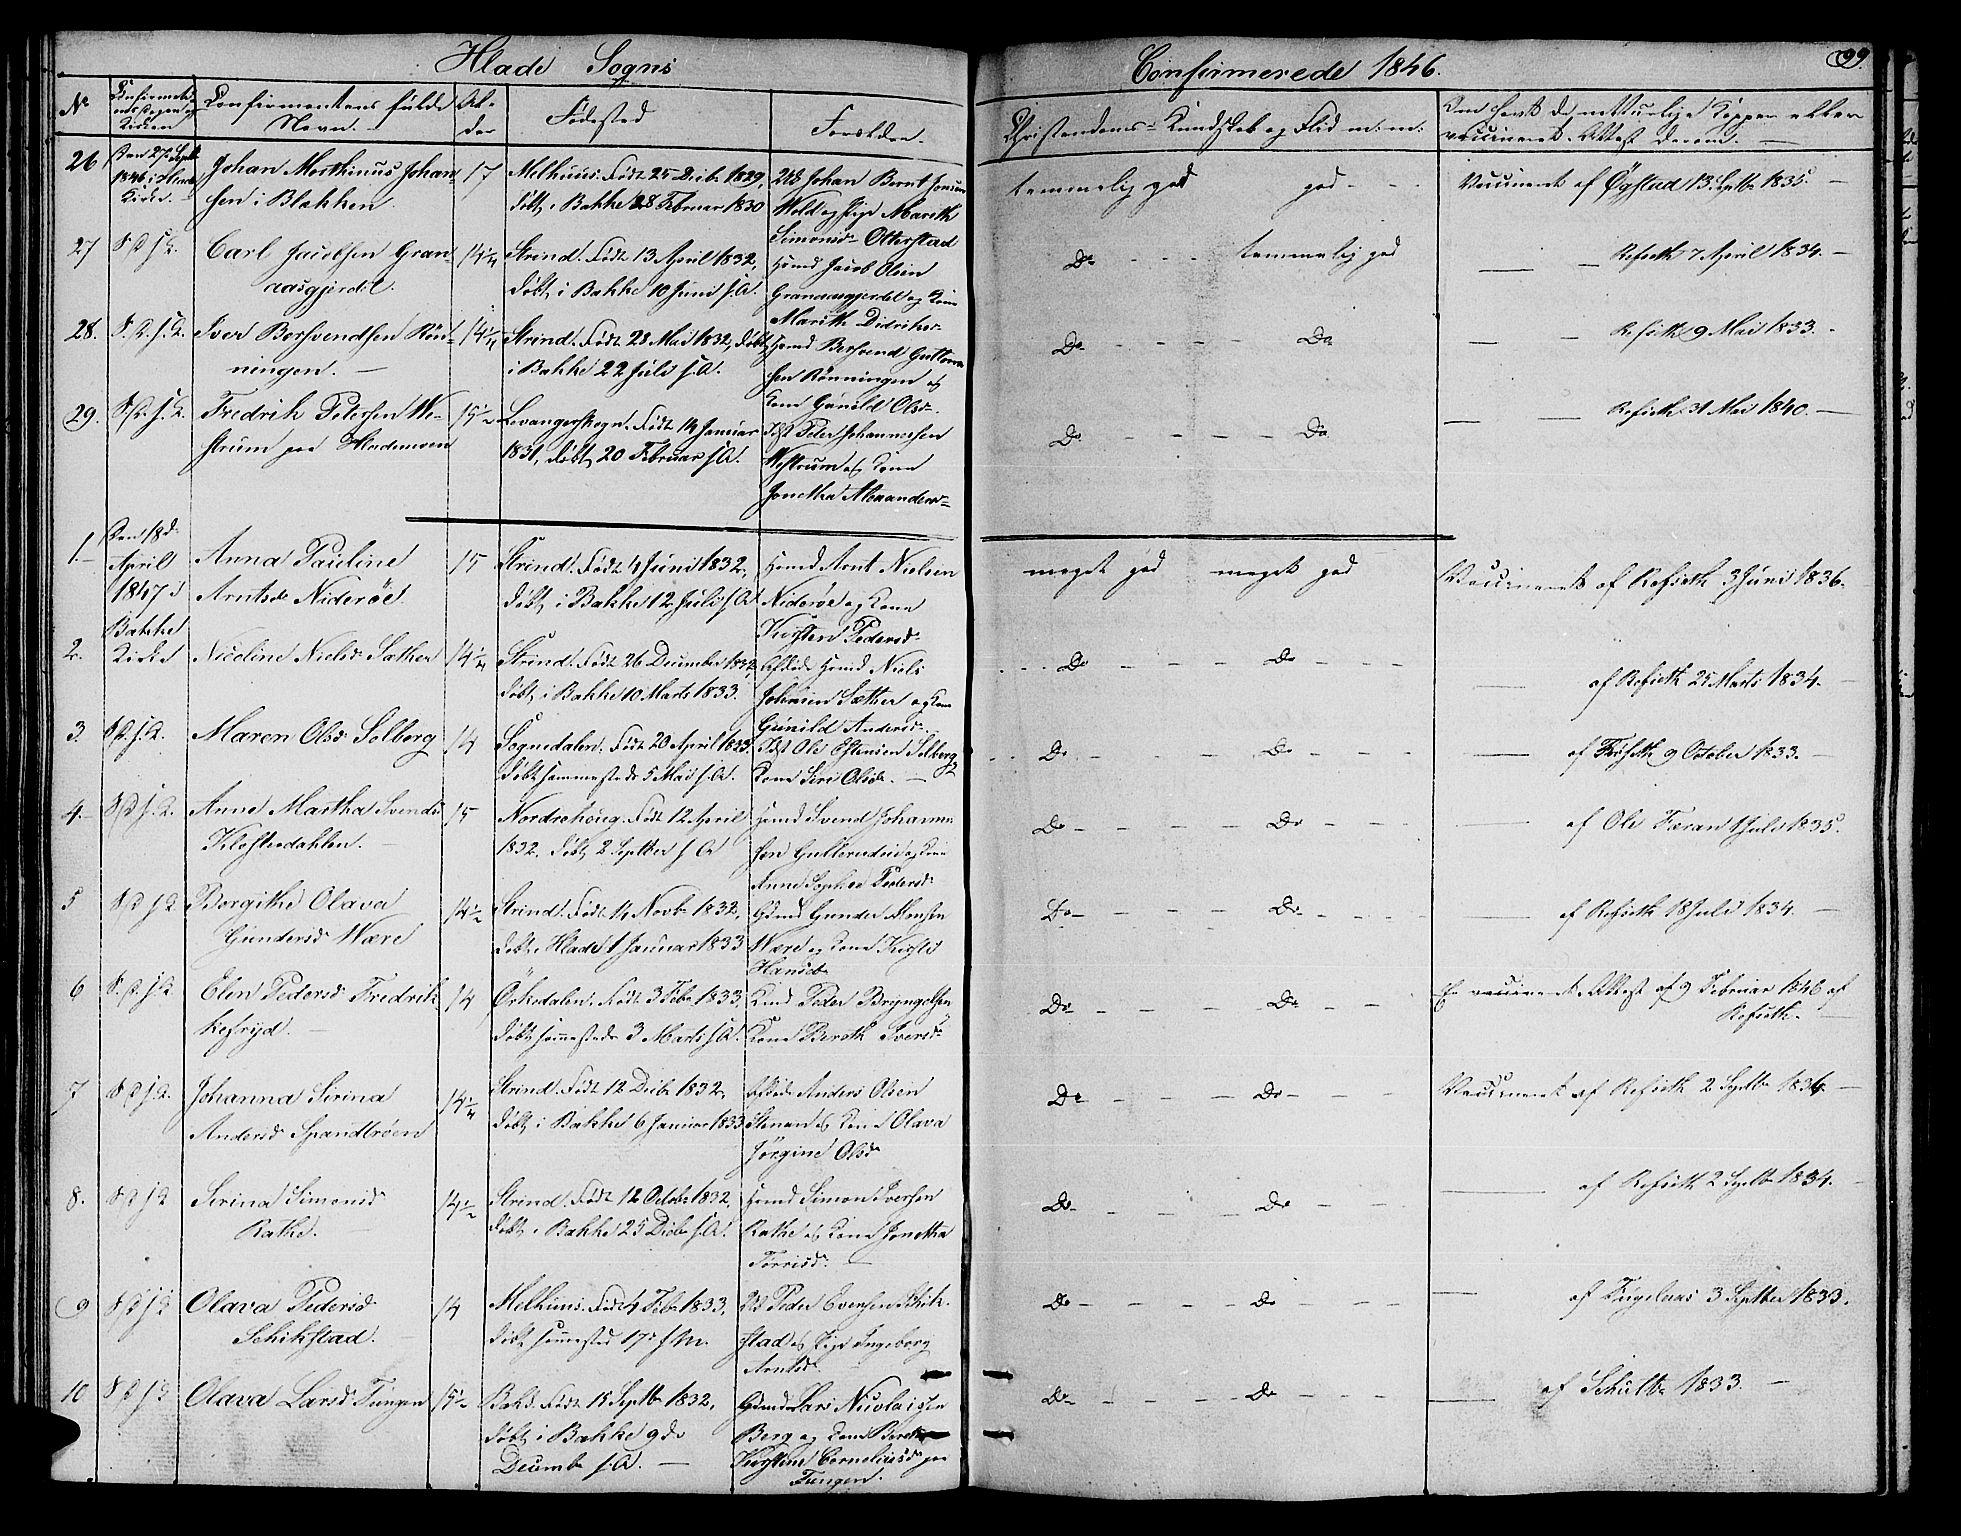 SAT, Ministerialprotokoller, klokkerbøker og fødselsregistre - Sør-Trøndelag, 606/L0309: Klokkerbok nr. 606C05, 1841-1849, s. 99